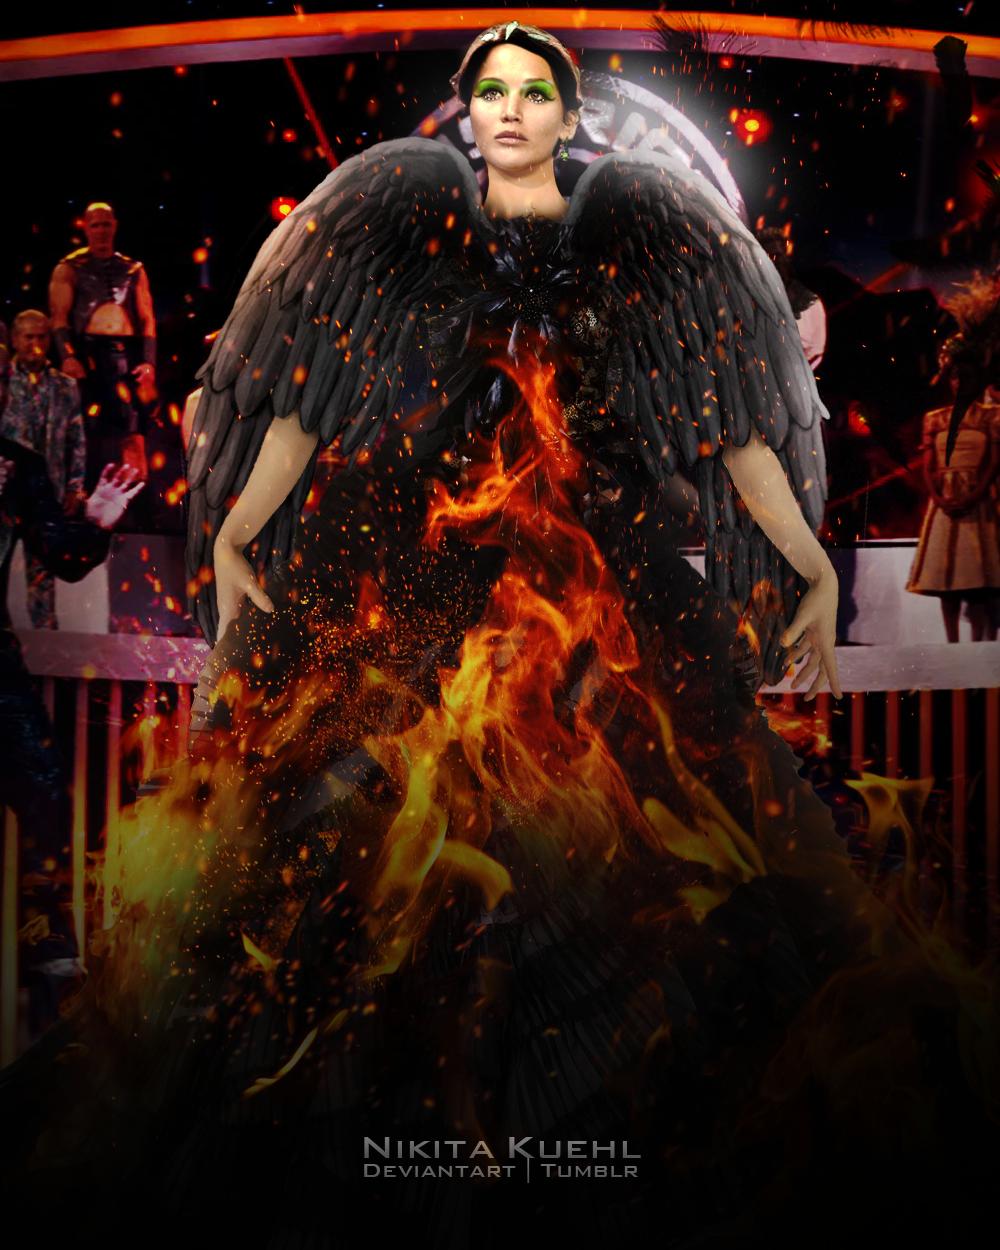 Katniss+Everdeen+Catching+Fire | Katniss Everdeen Catching Fire Wedding Dress Katniss everdeen catching